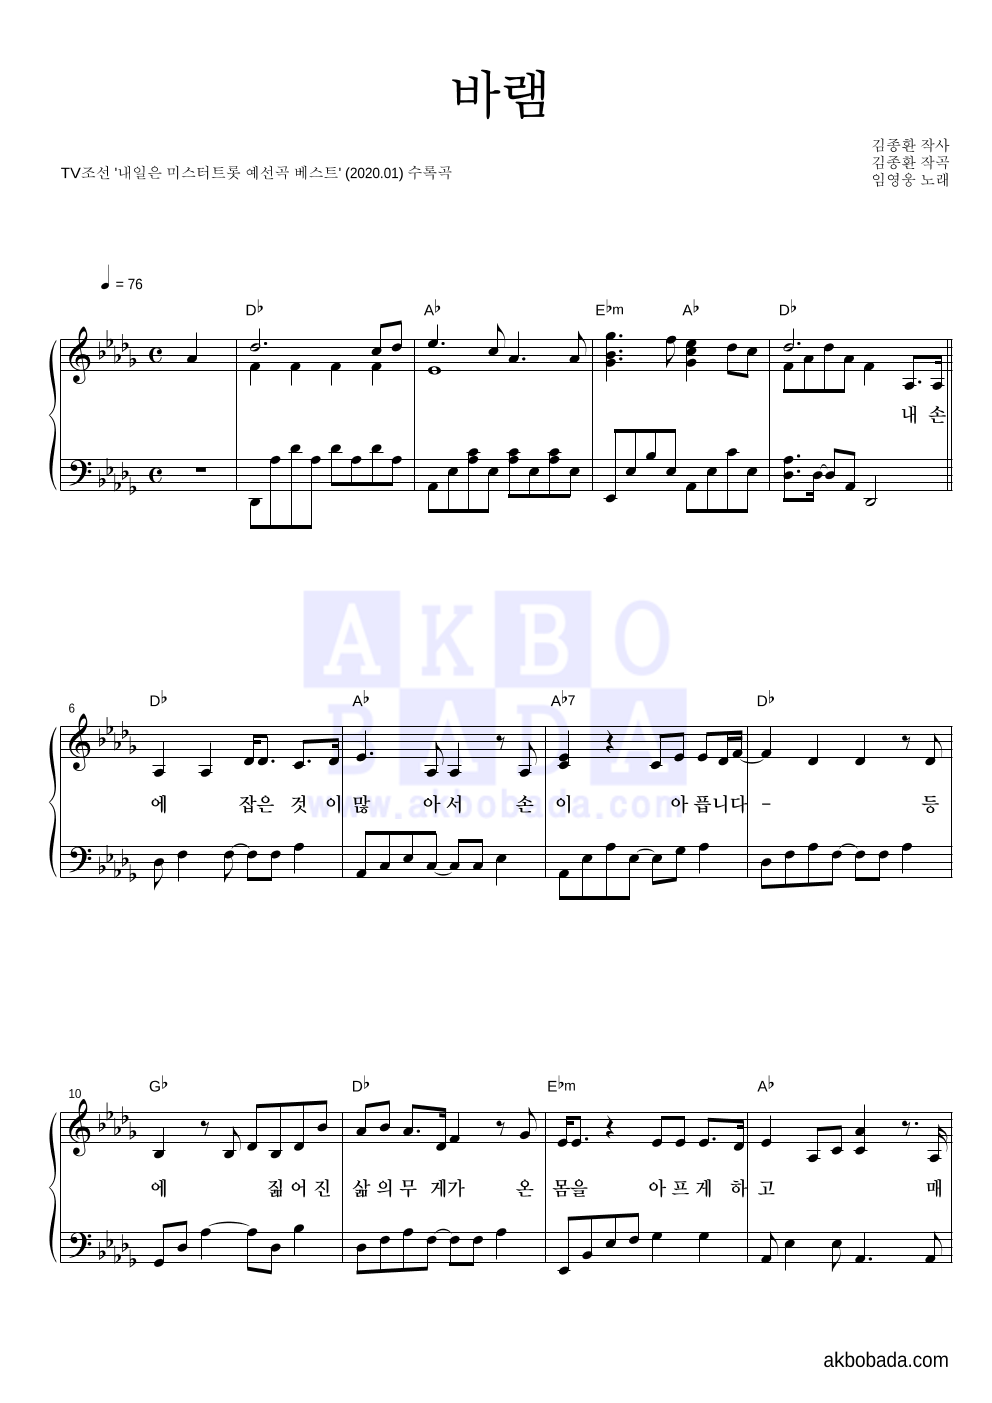 임영웅 - 바램 피아노 2단 악보